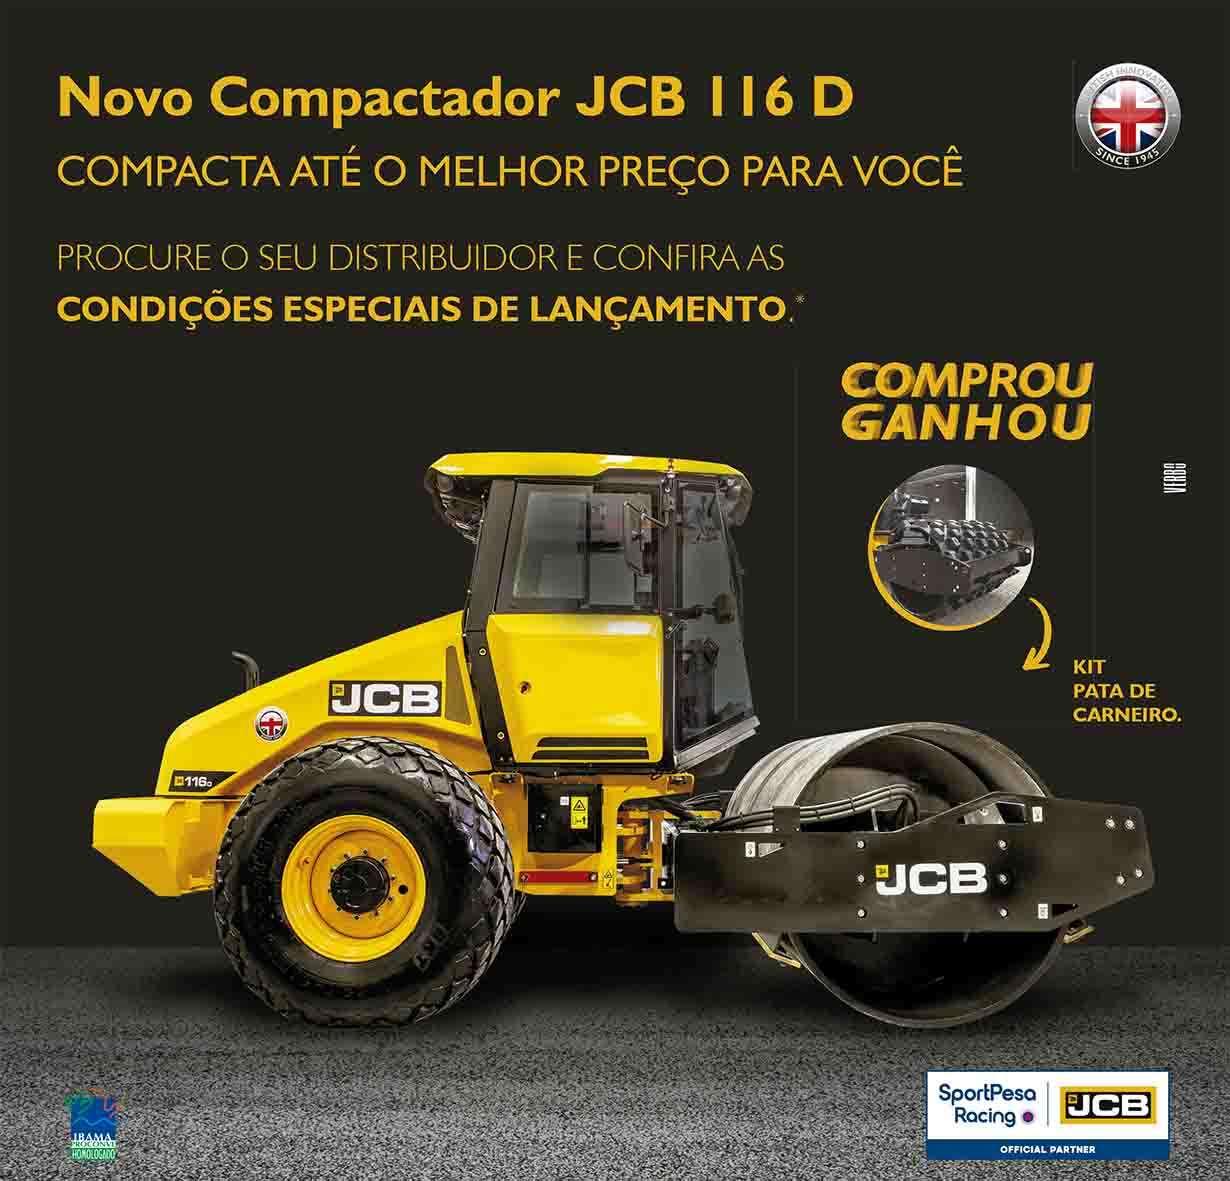 rolo compactador jcb